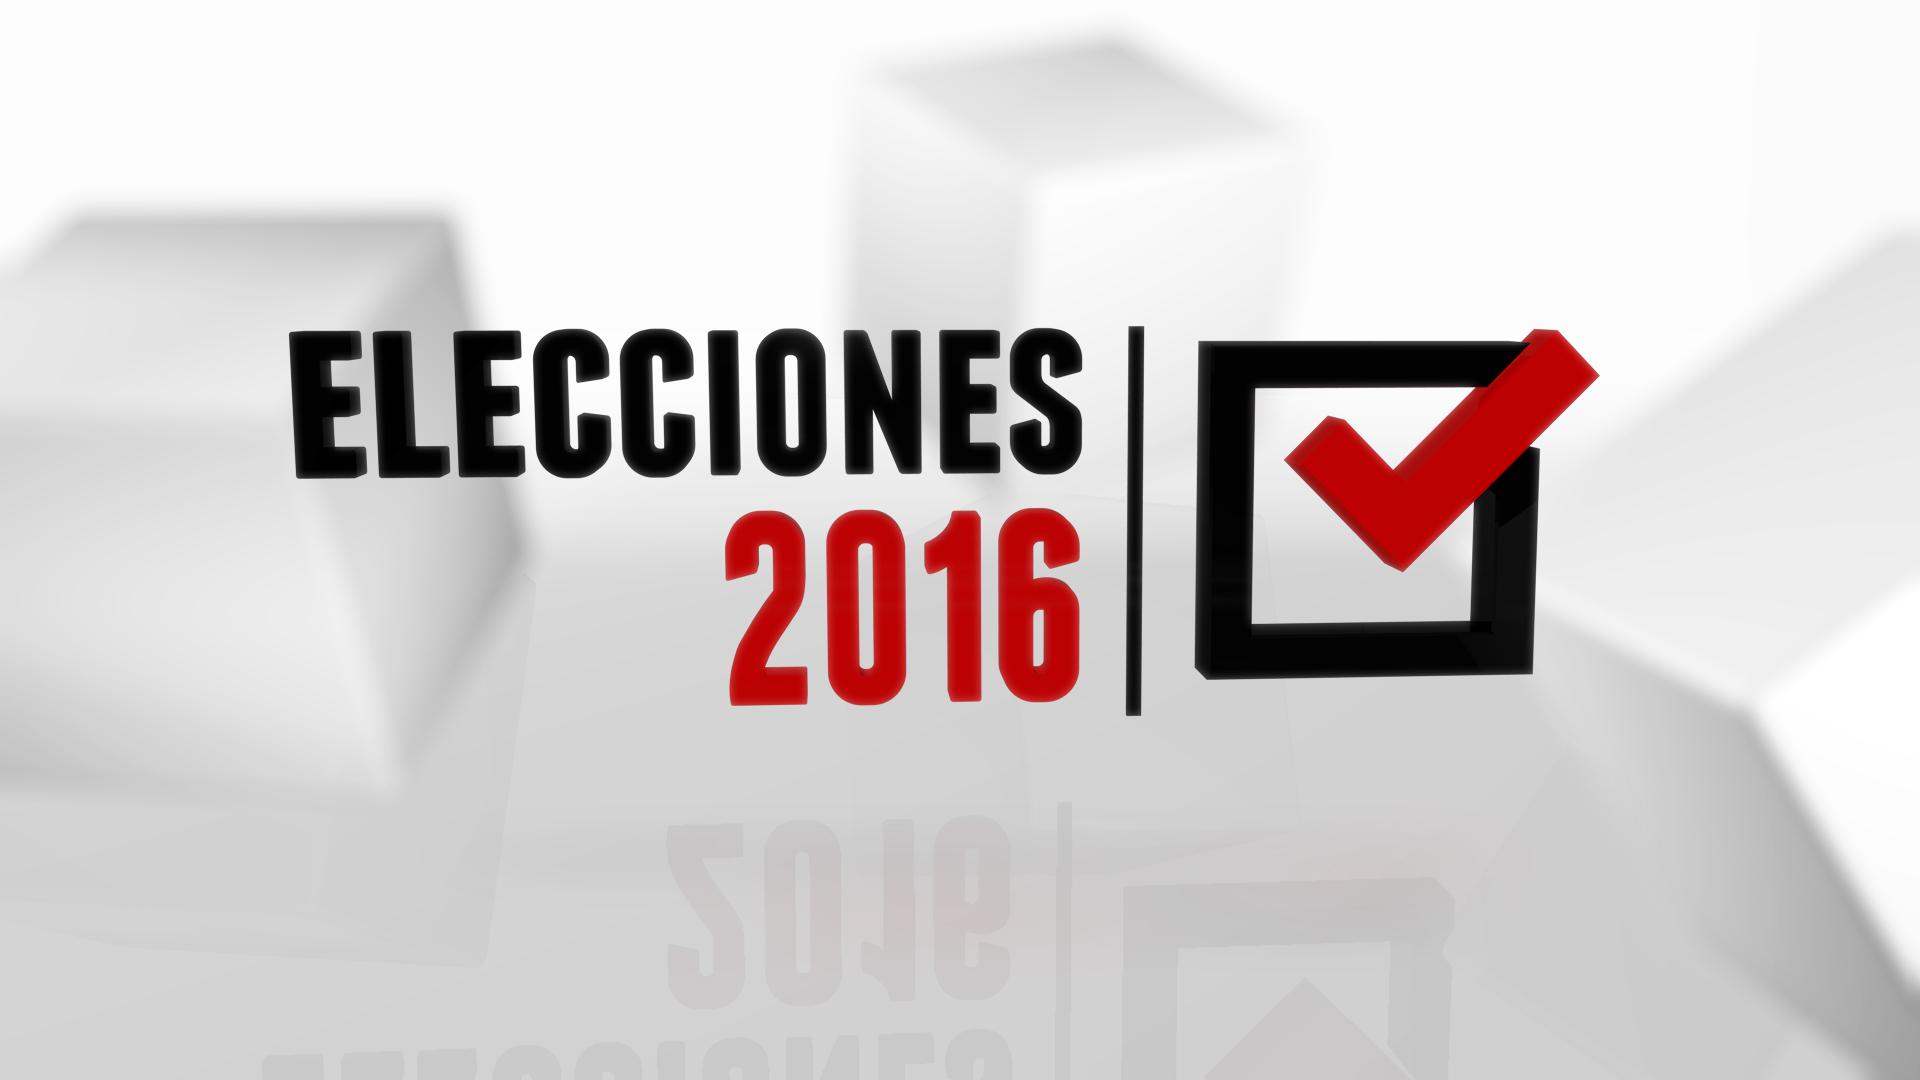 El proper diumenge es repeteixen les eleccions a l'Estat Espanyol per escollir la composició del Congrés dels Diputats i del Senat